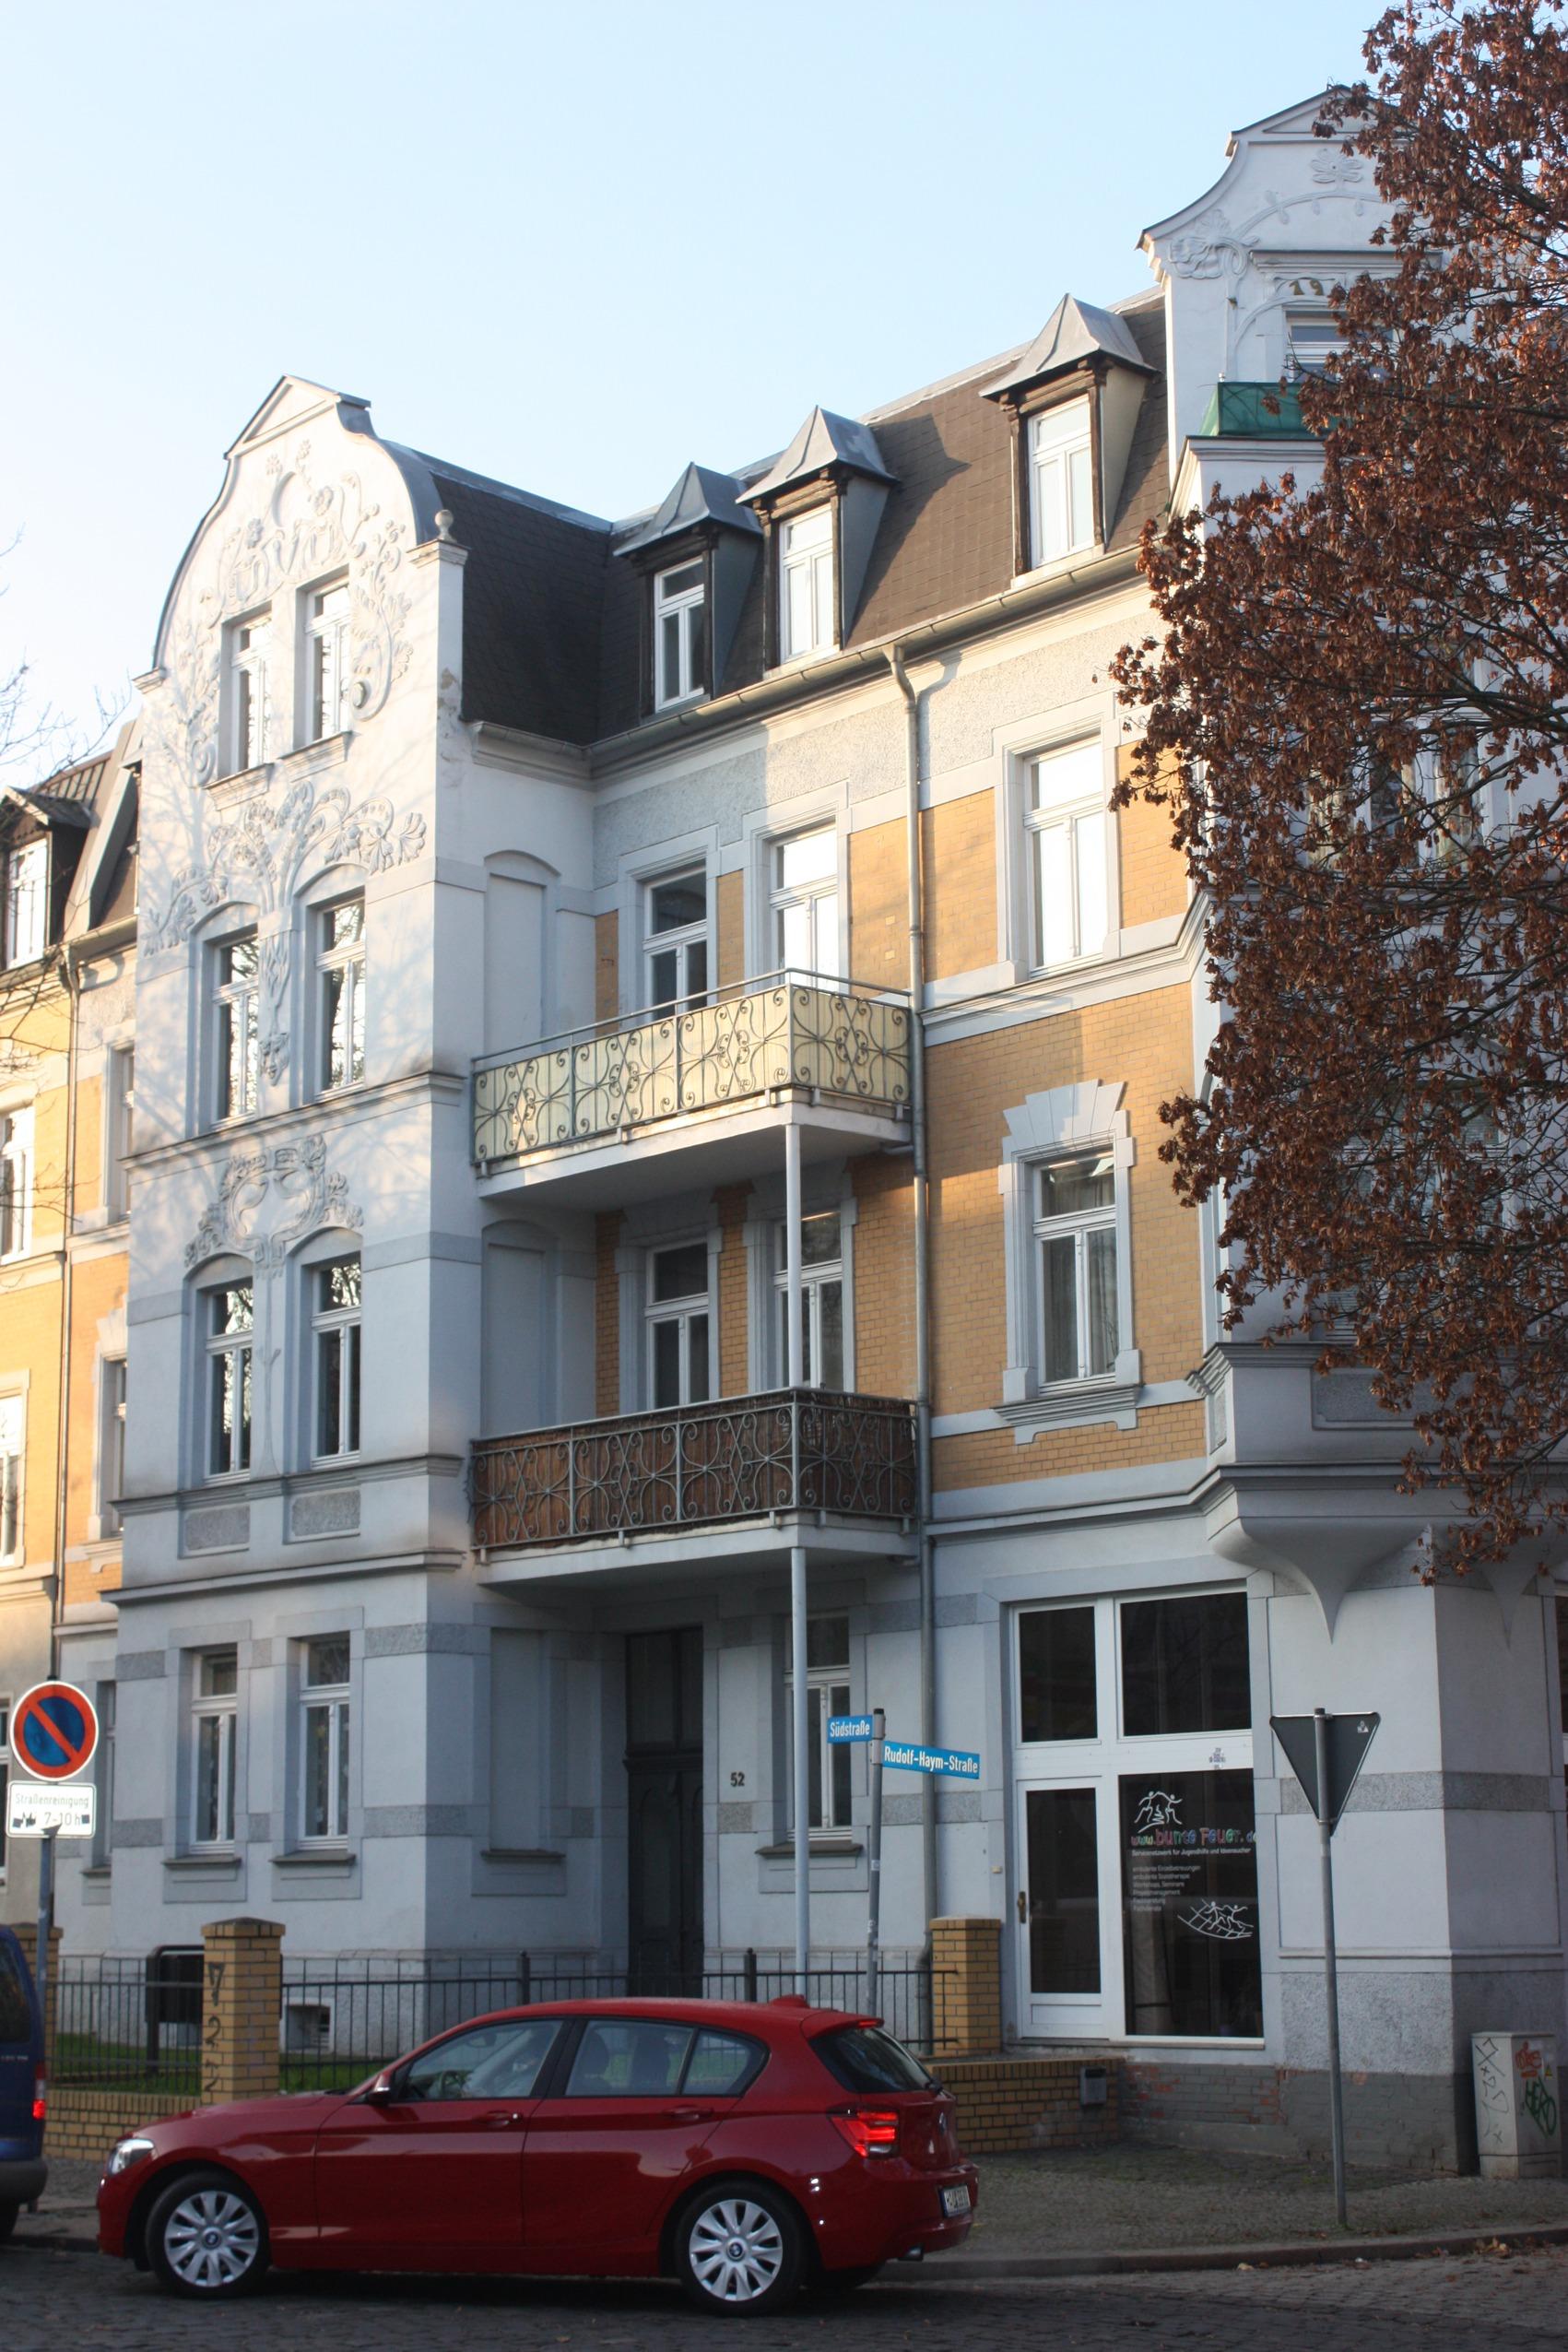 Haus Mieten Halle Saale : file halle saale das haus s dstra e 52 jpg wikimedia commons ~ Watch28wear.com Haus und Dekorationen